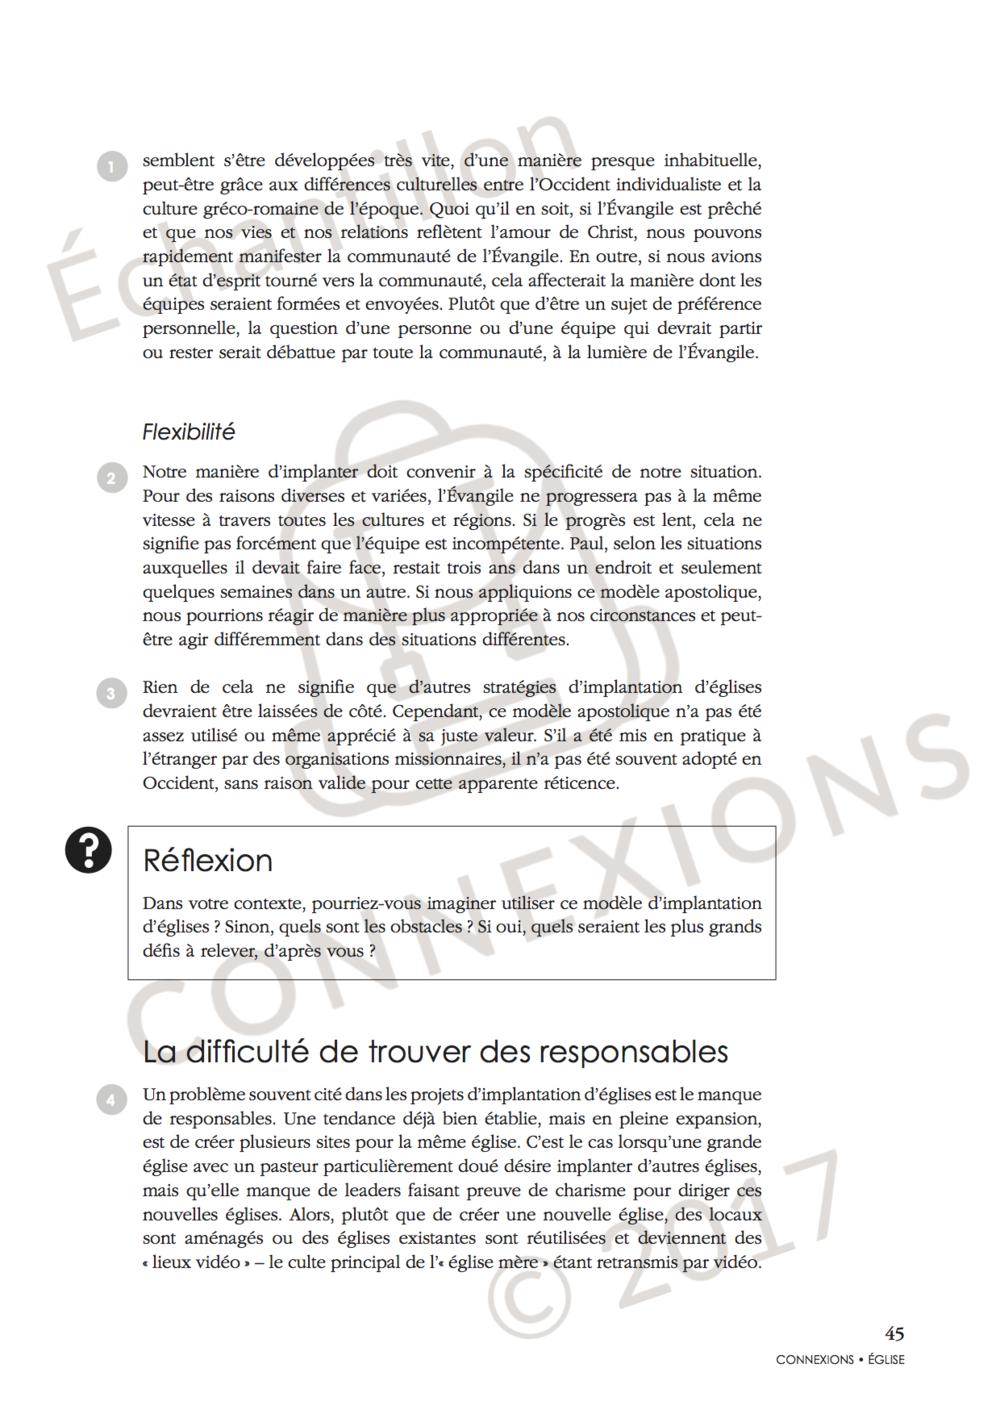 Église missionnelle et implantation d'église_sample_published.6.png